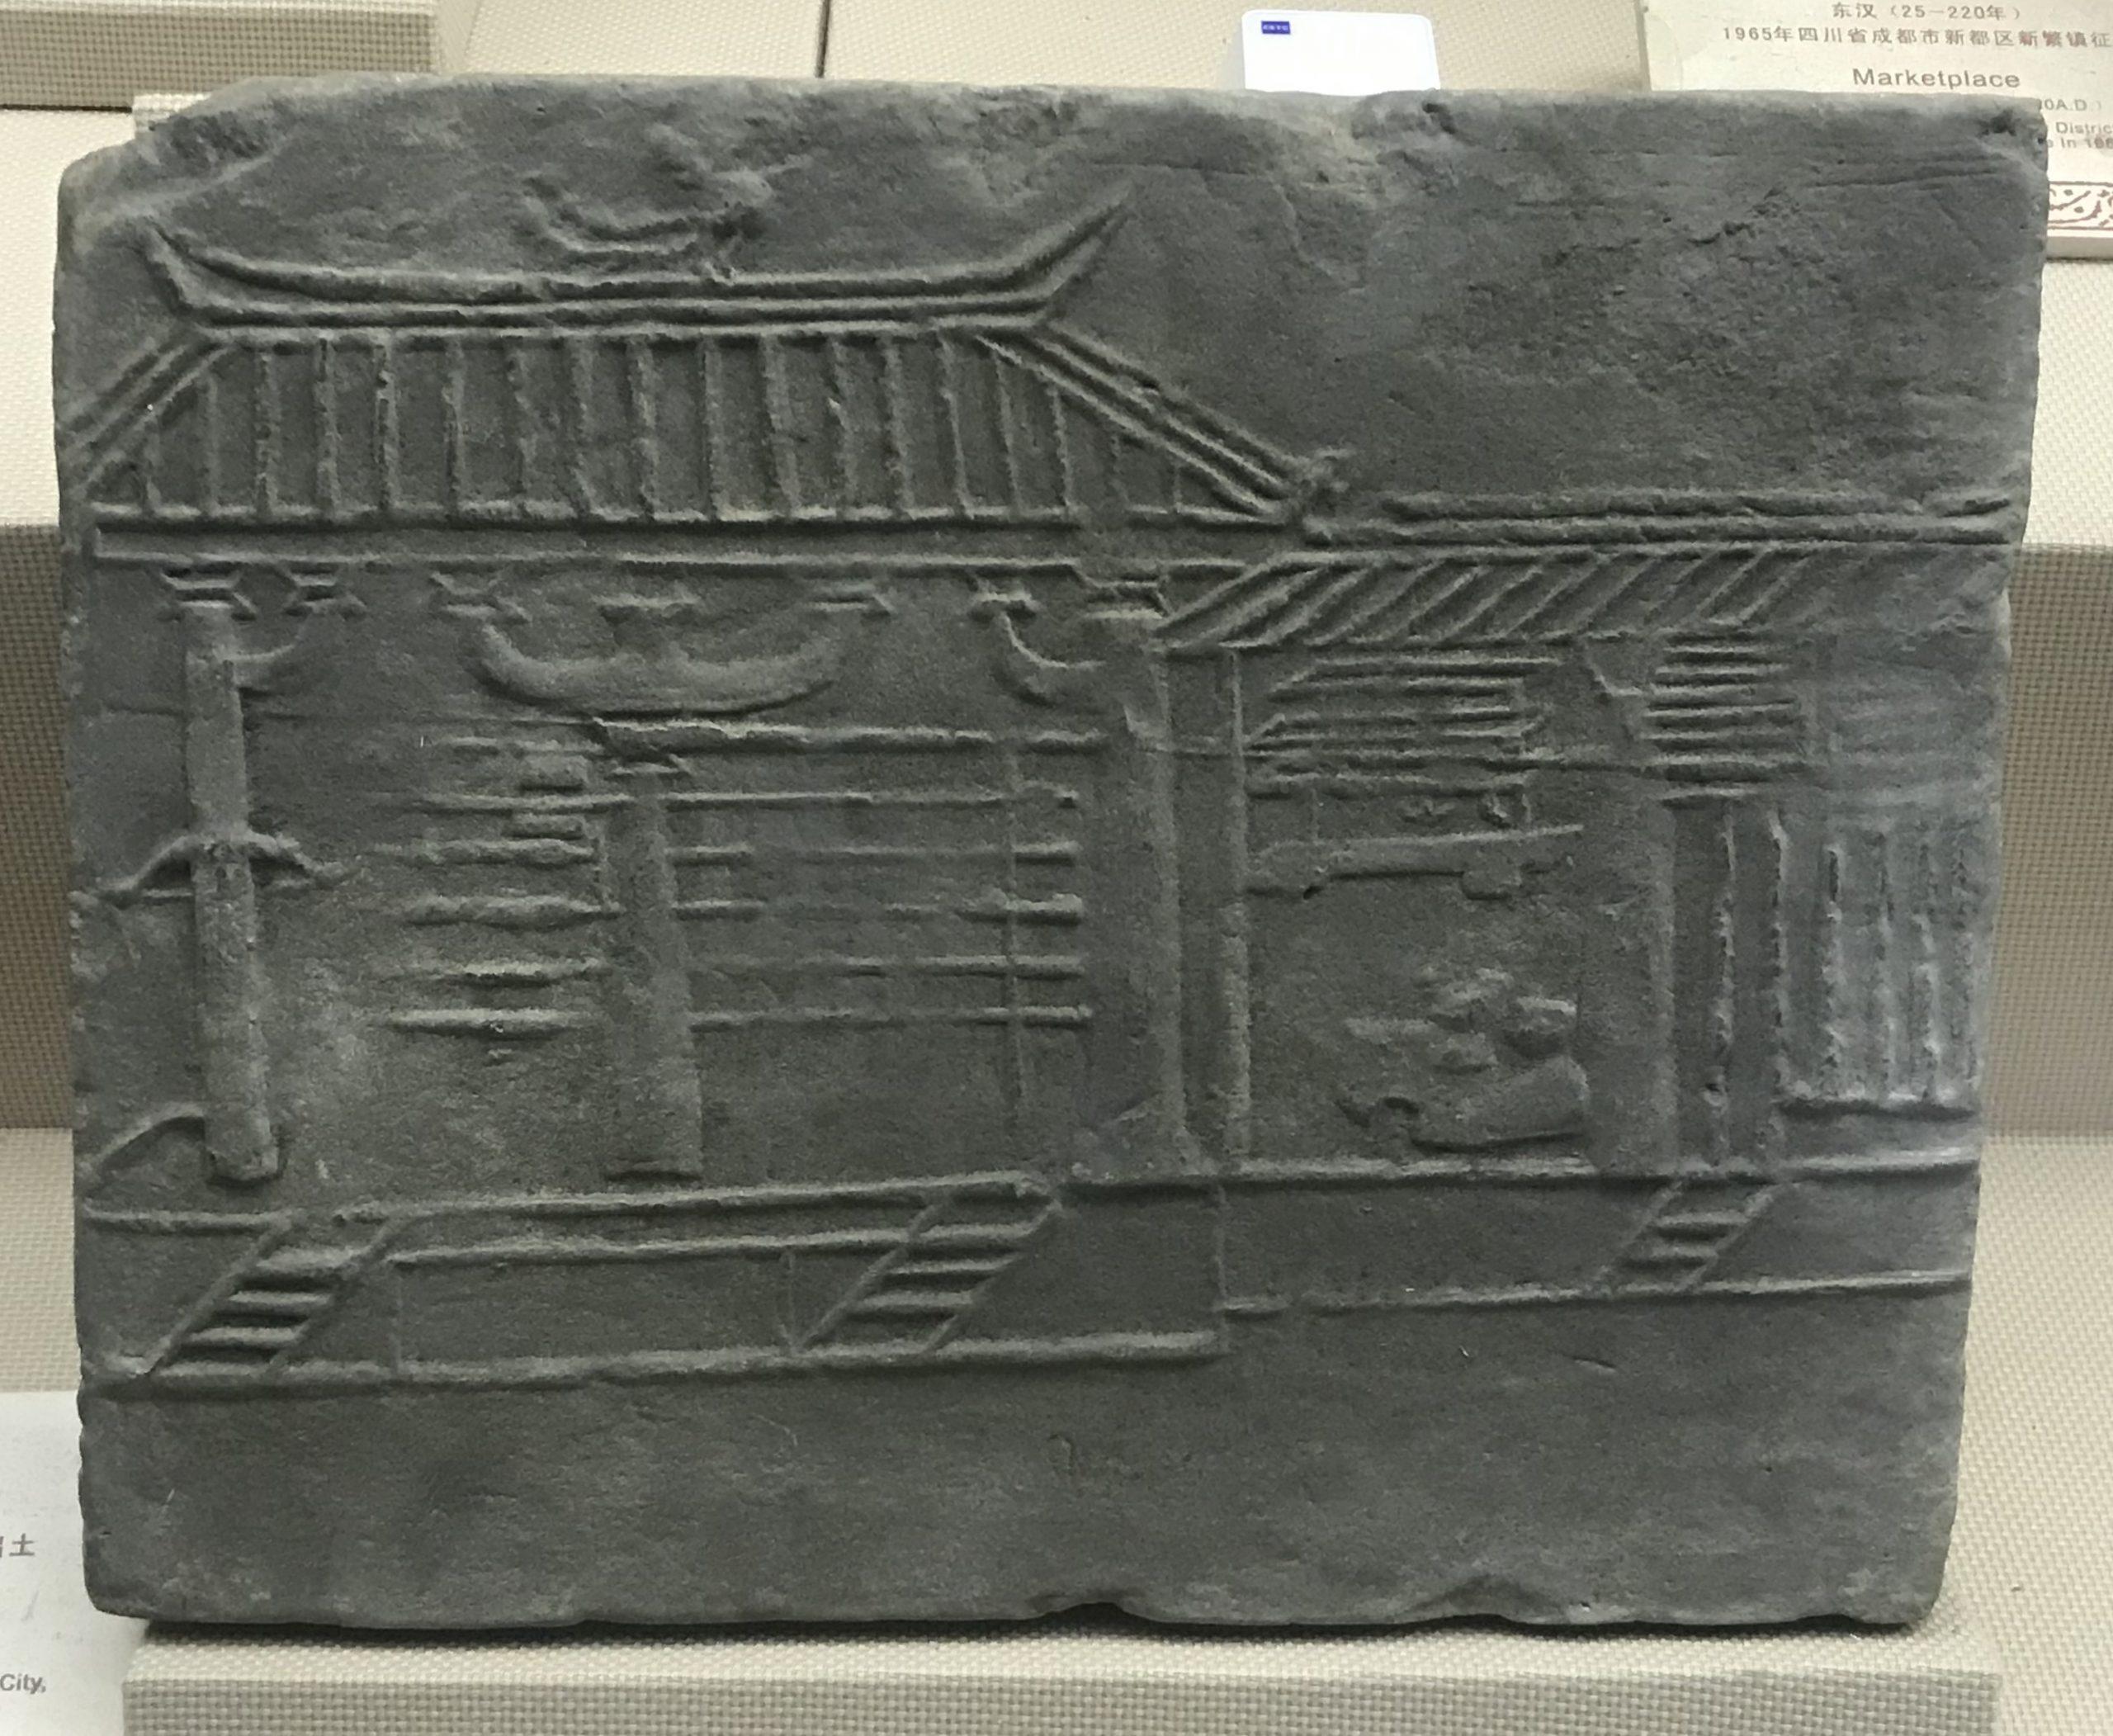 武庫レンガ-東漢-  成都市新都区馬家出土-四川漢代陶石芸術館-四川博物院-成都